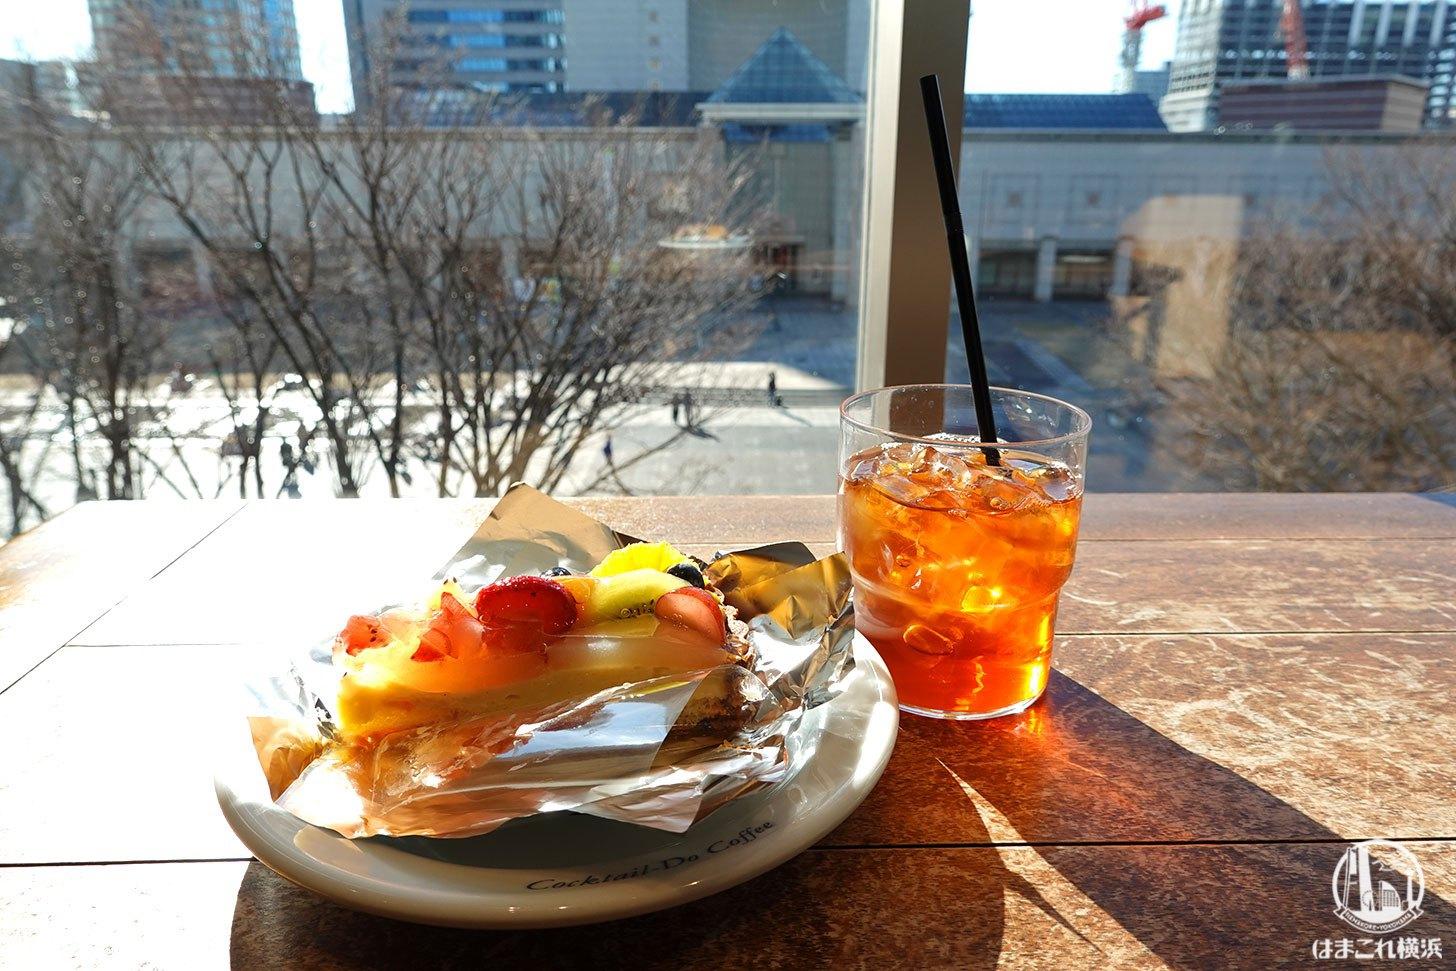 コクテール堂 横浜みなとみらい店はケーキがリーズナブルで居心地良い!マークイズのカフェ